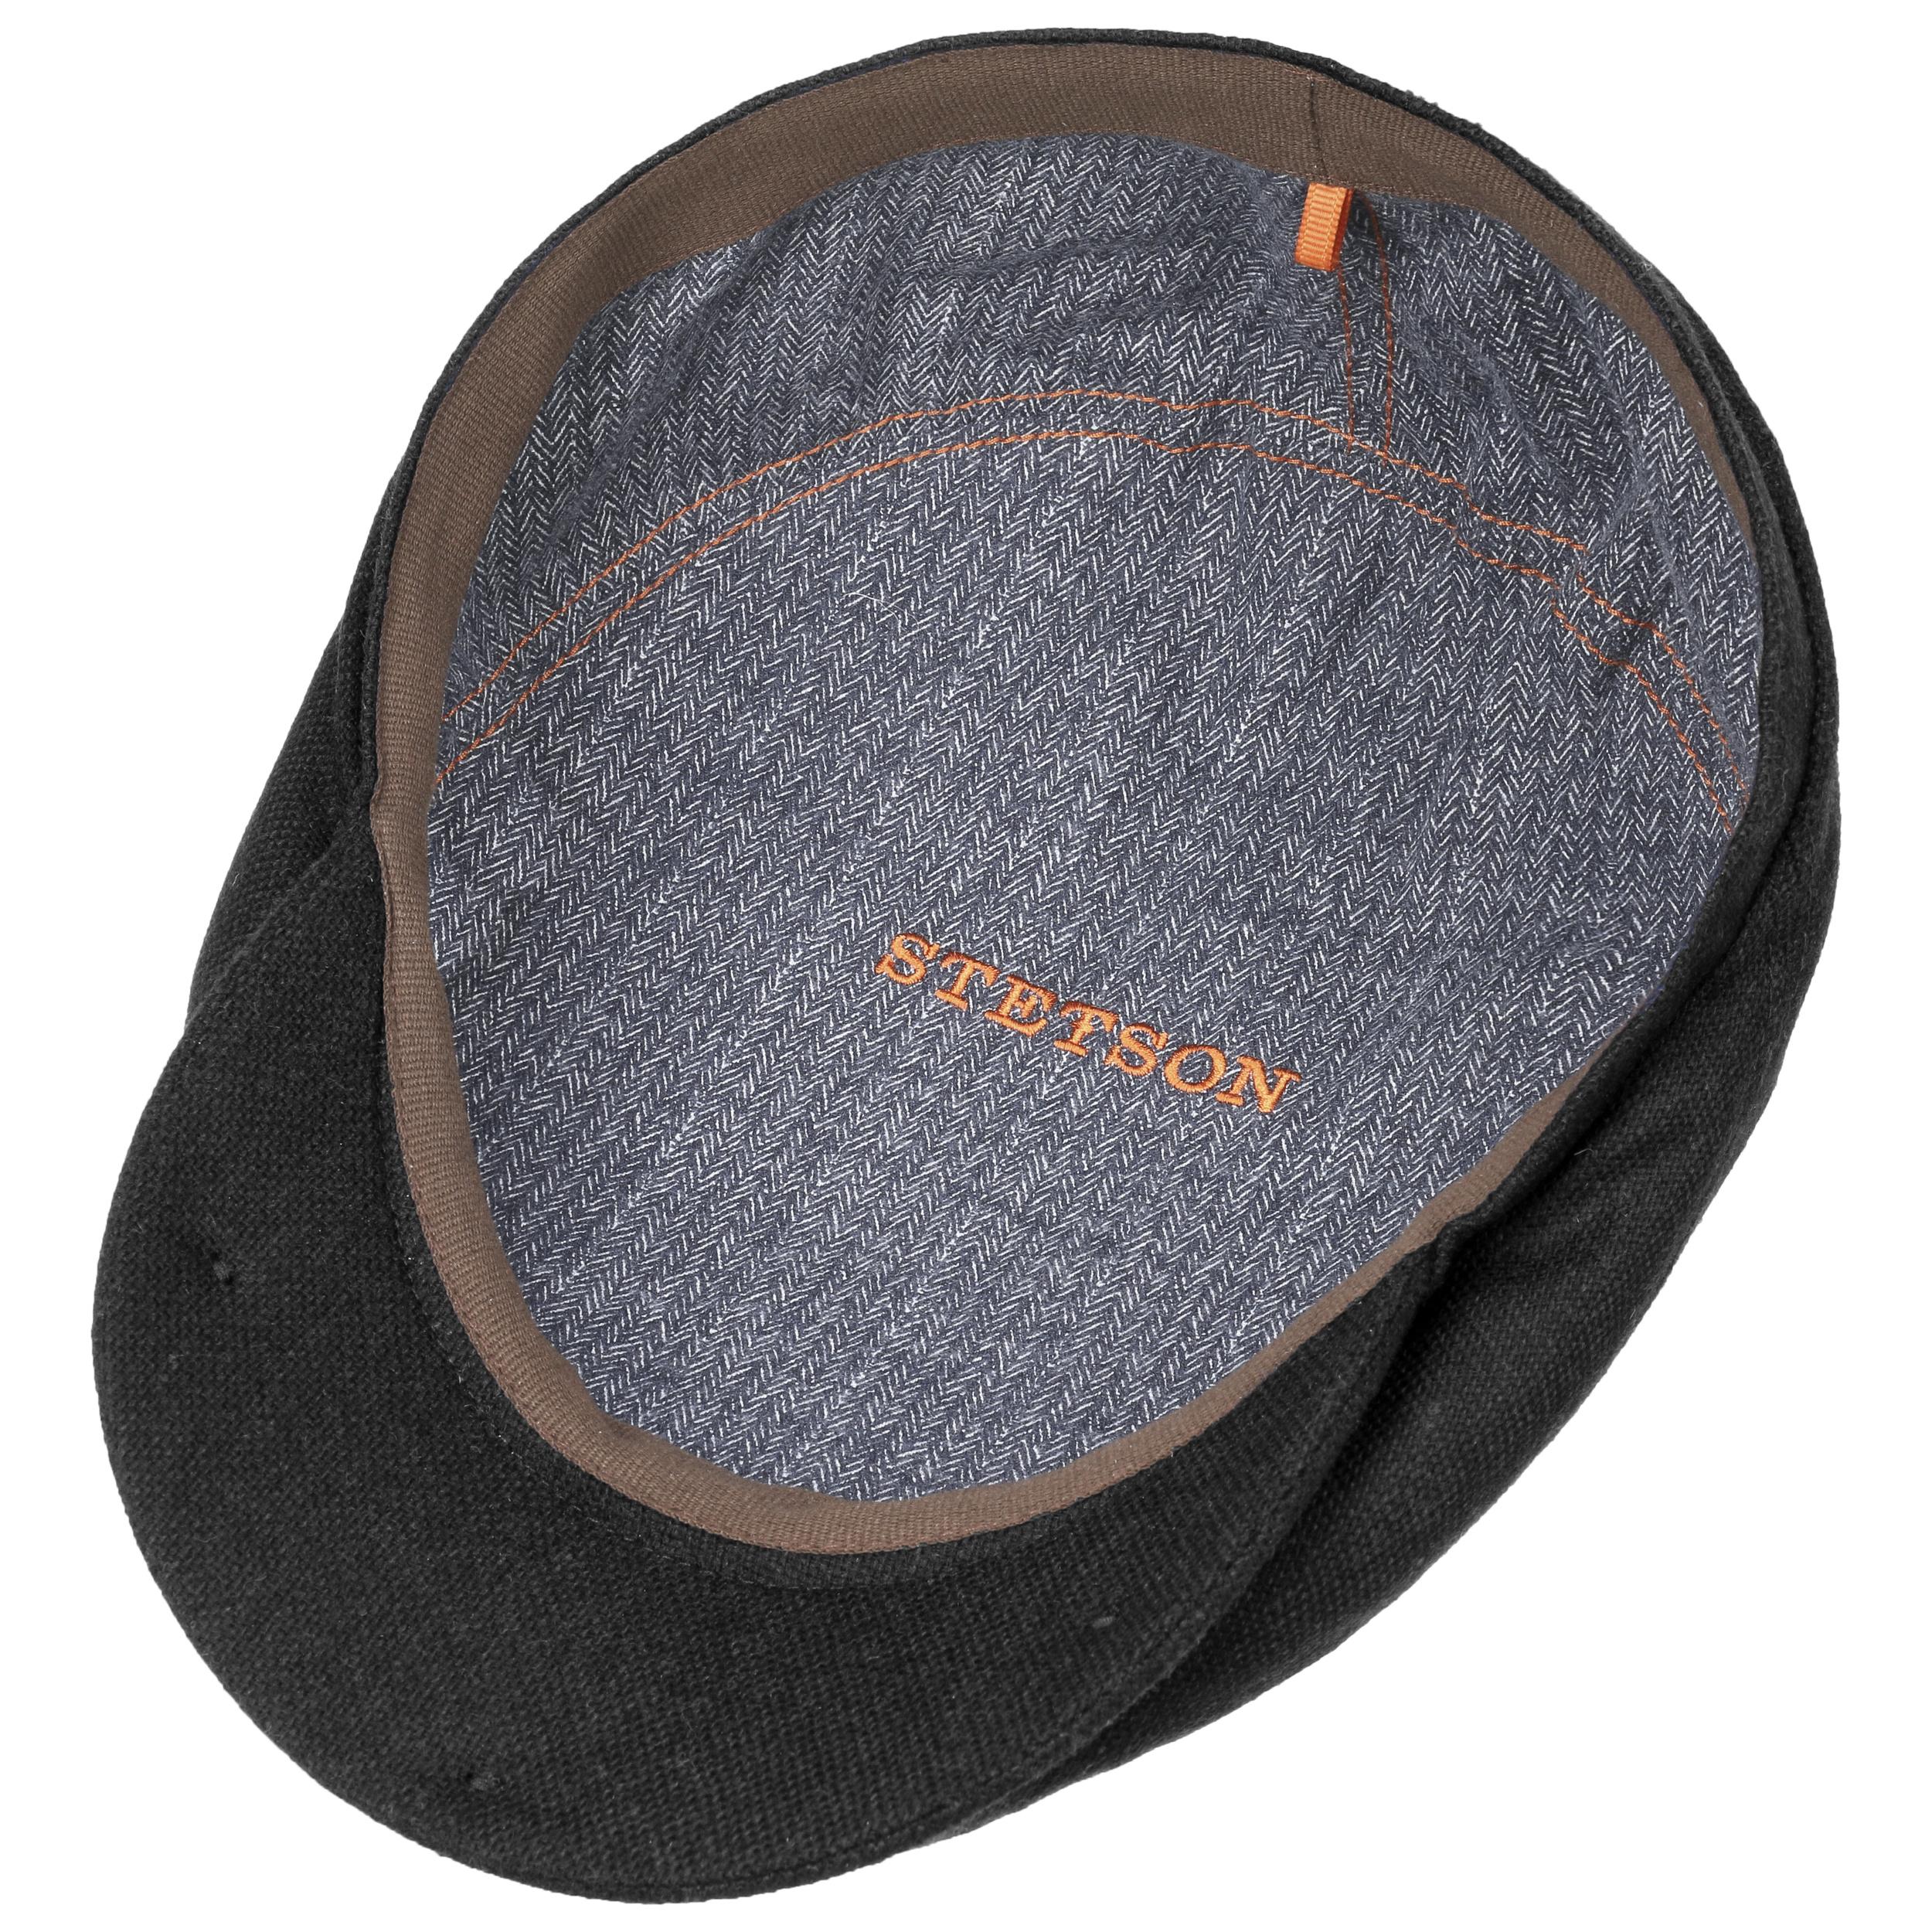 ... Belfast Wool Blend Flatcap by Stetson - schwarz 2 ... 20e9060286e